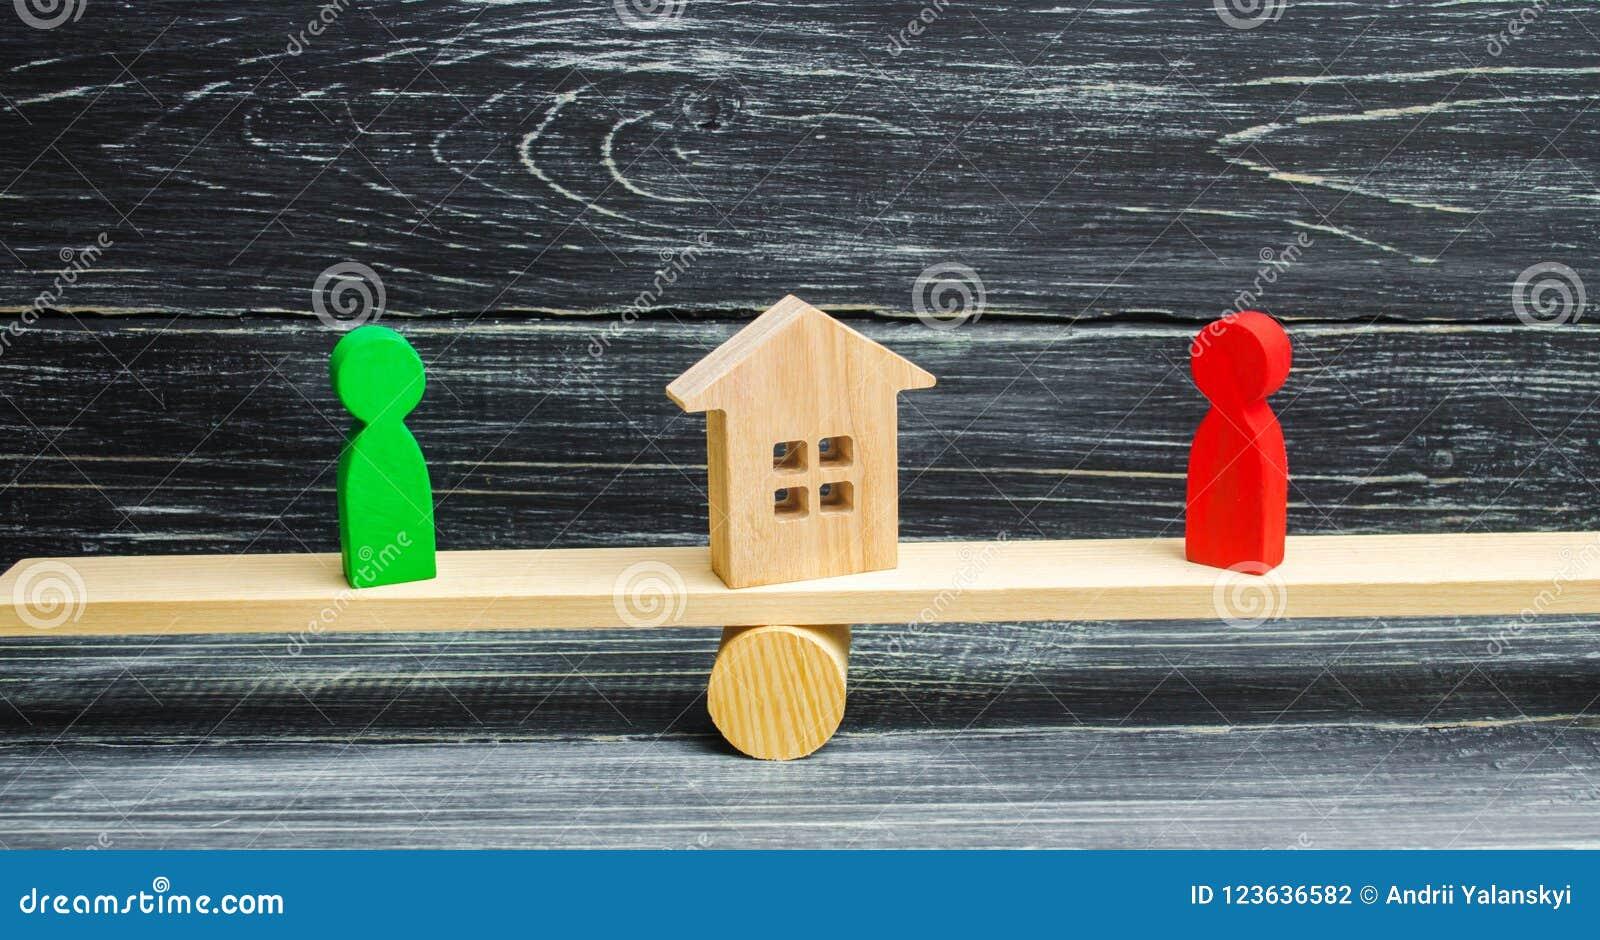 Figuras de madera en las escalas clarificación de la propiedad de la casa, propiedades inmobiliarias corte rivales en negocio com